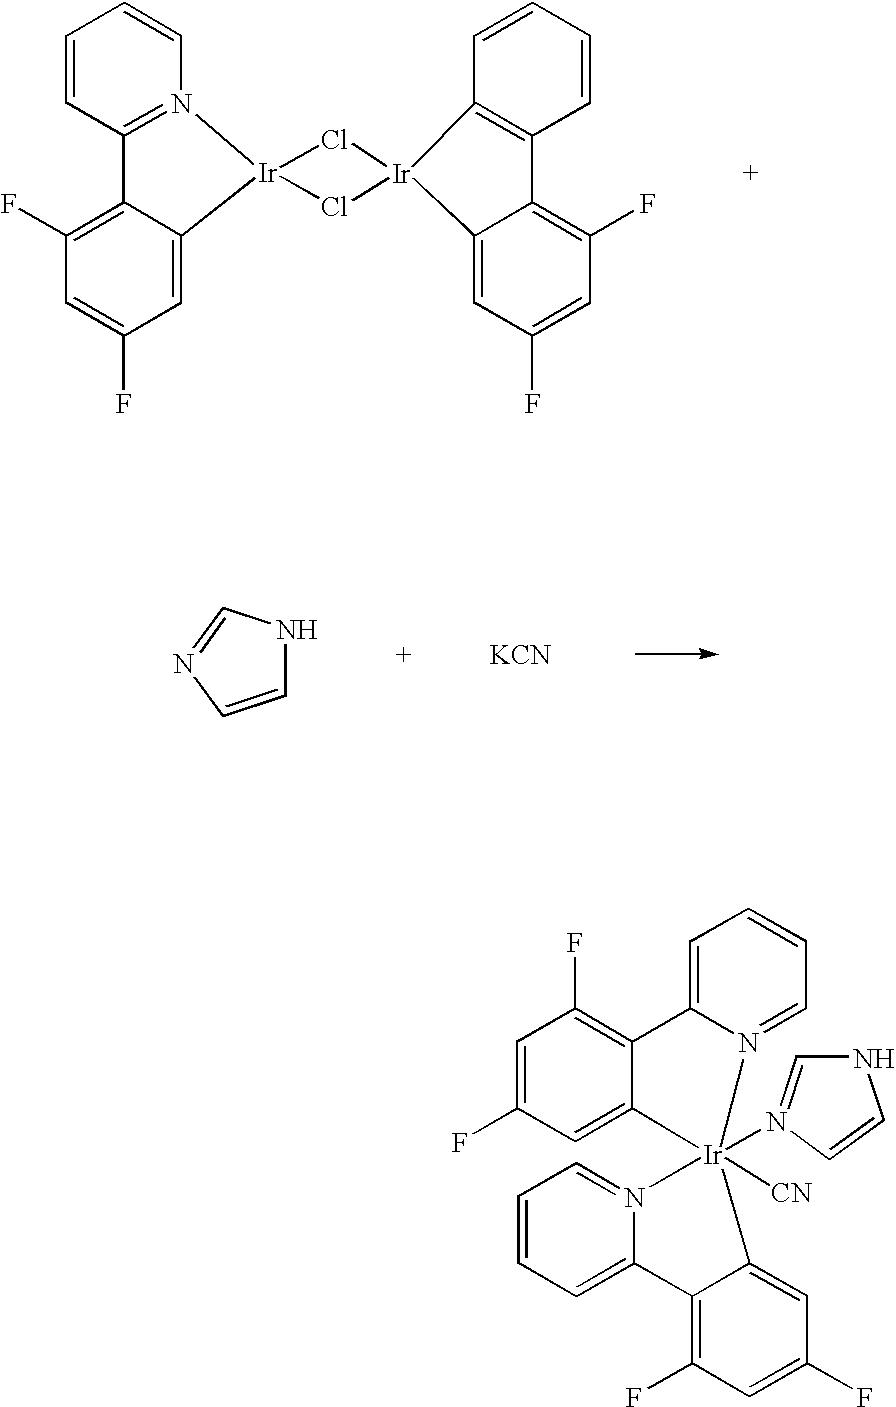 Figure US20050112406A1-20050526-C00018